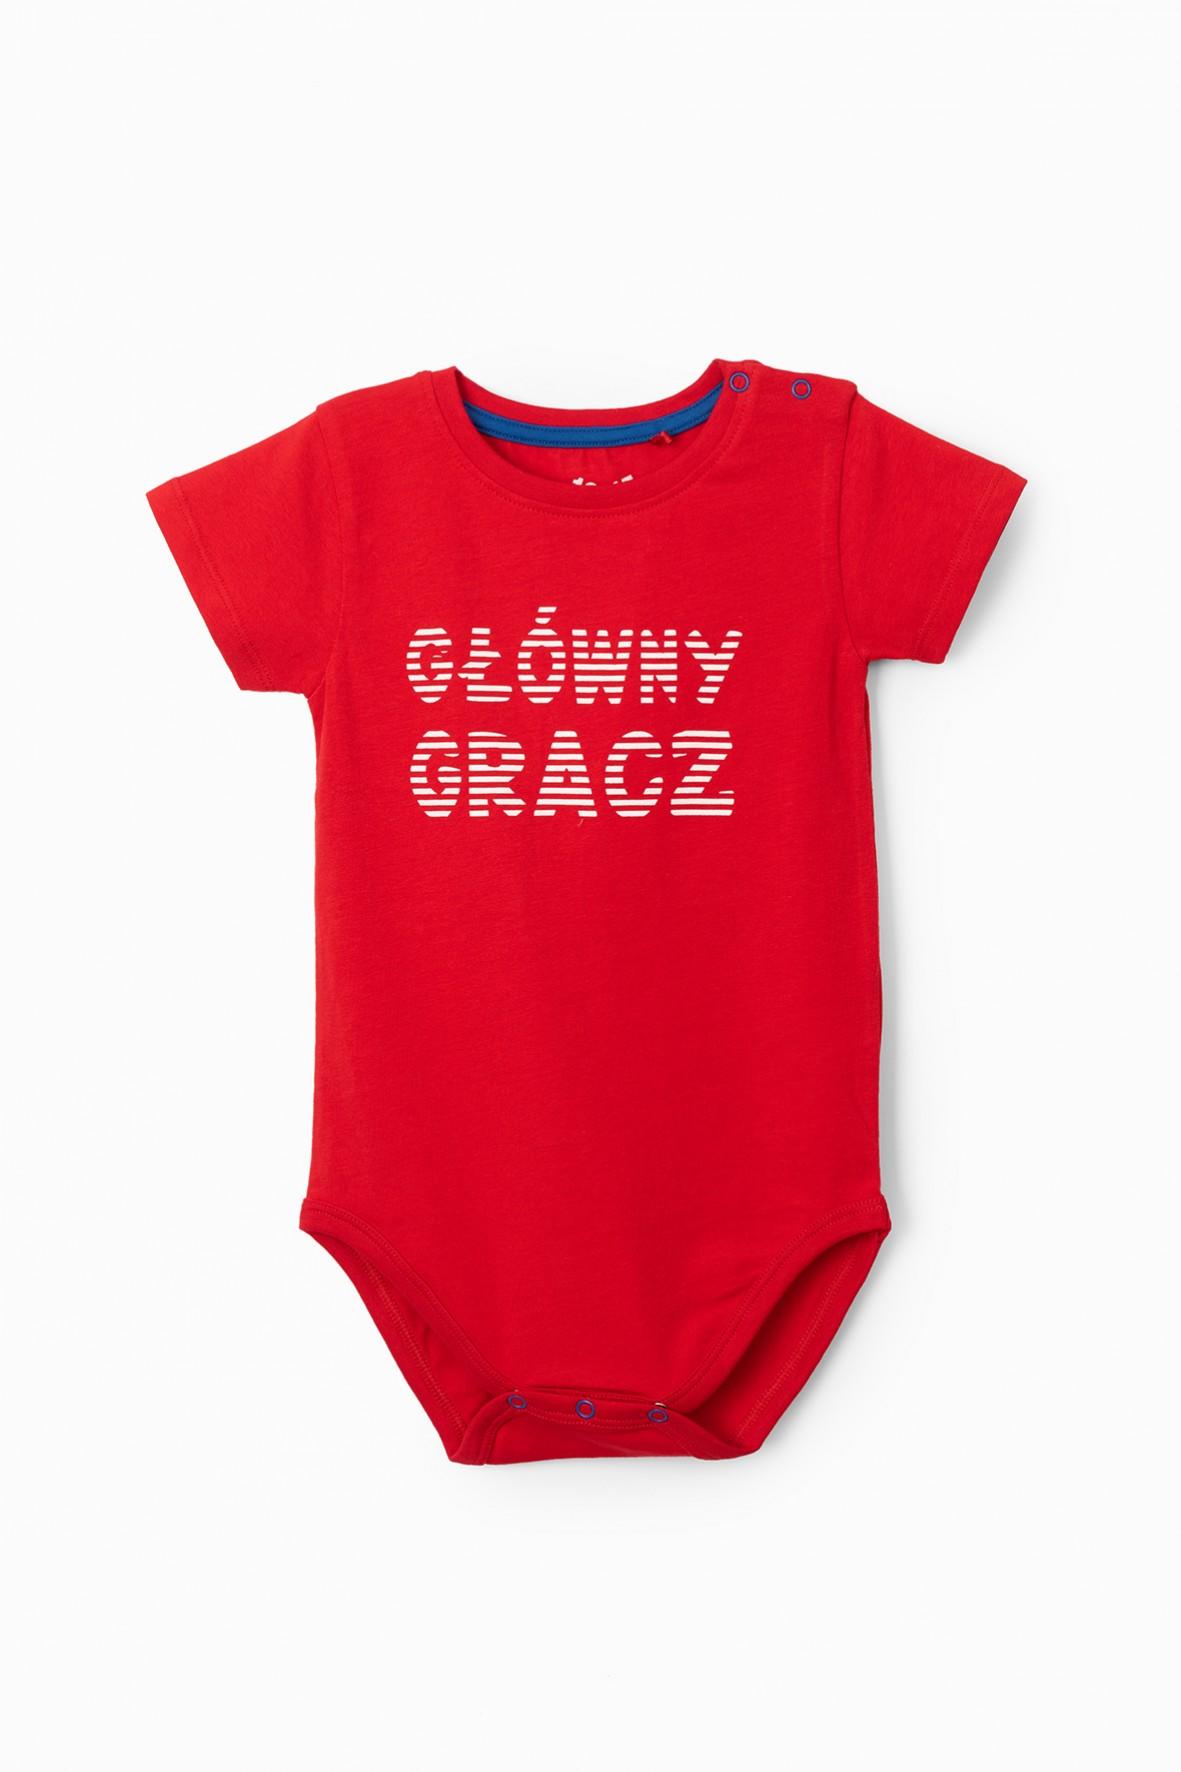 Czerwone body niemowlęce z napisem- Główny gracz